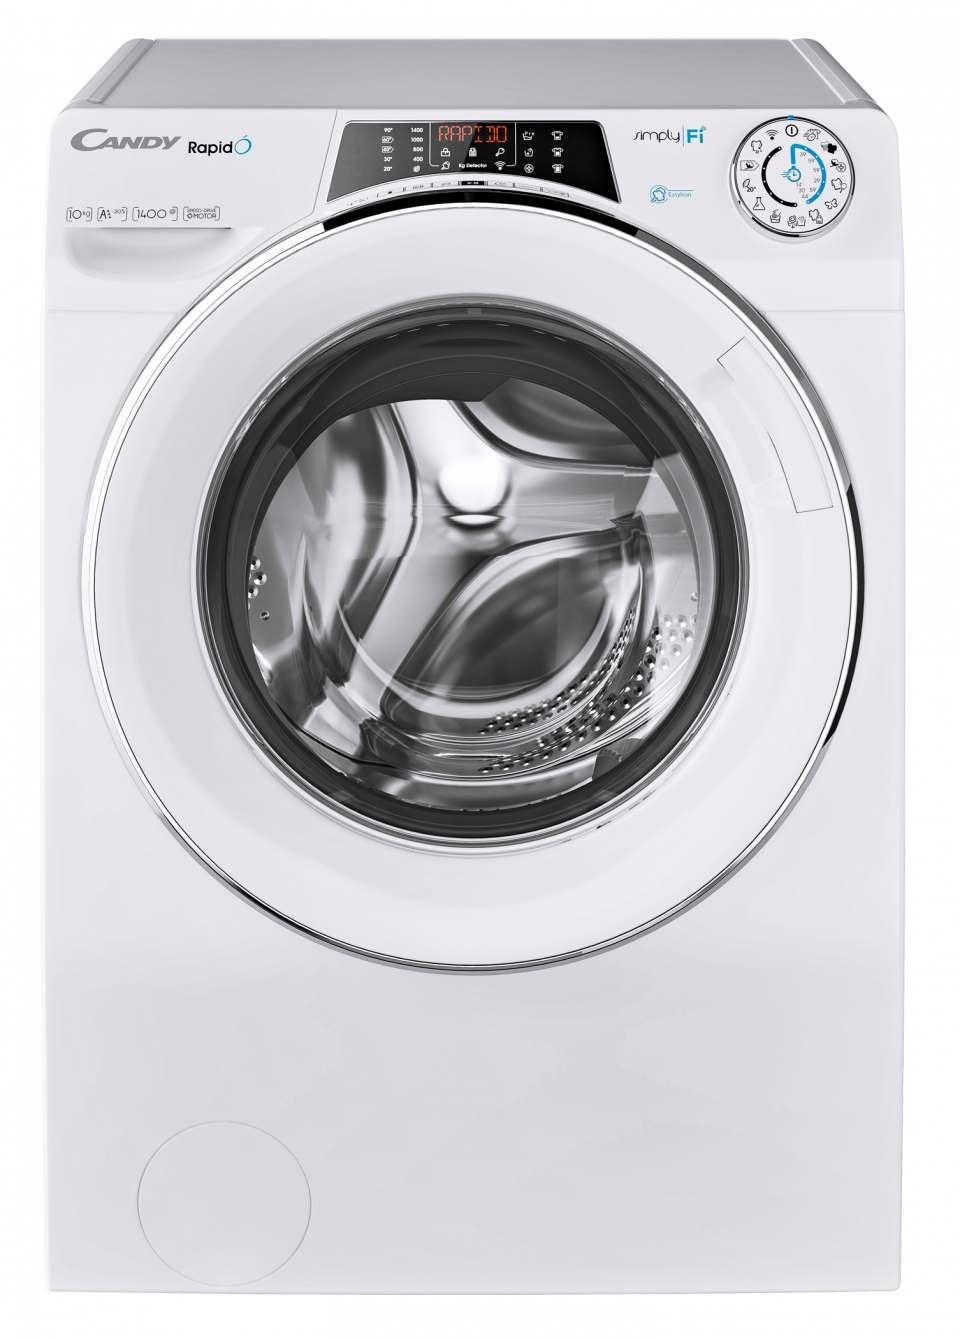 Candy Waschmaschine Rapid'Ò mit 9 Schnellwaschprogrammen.